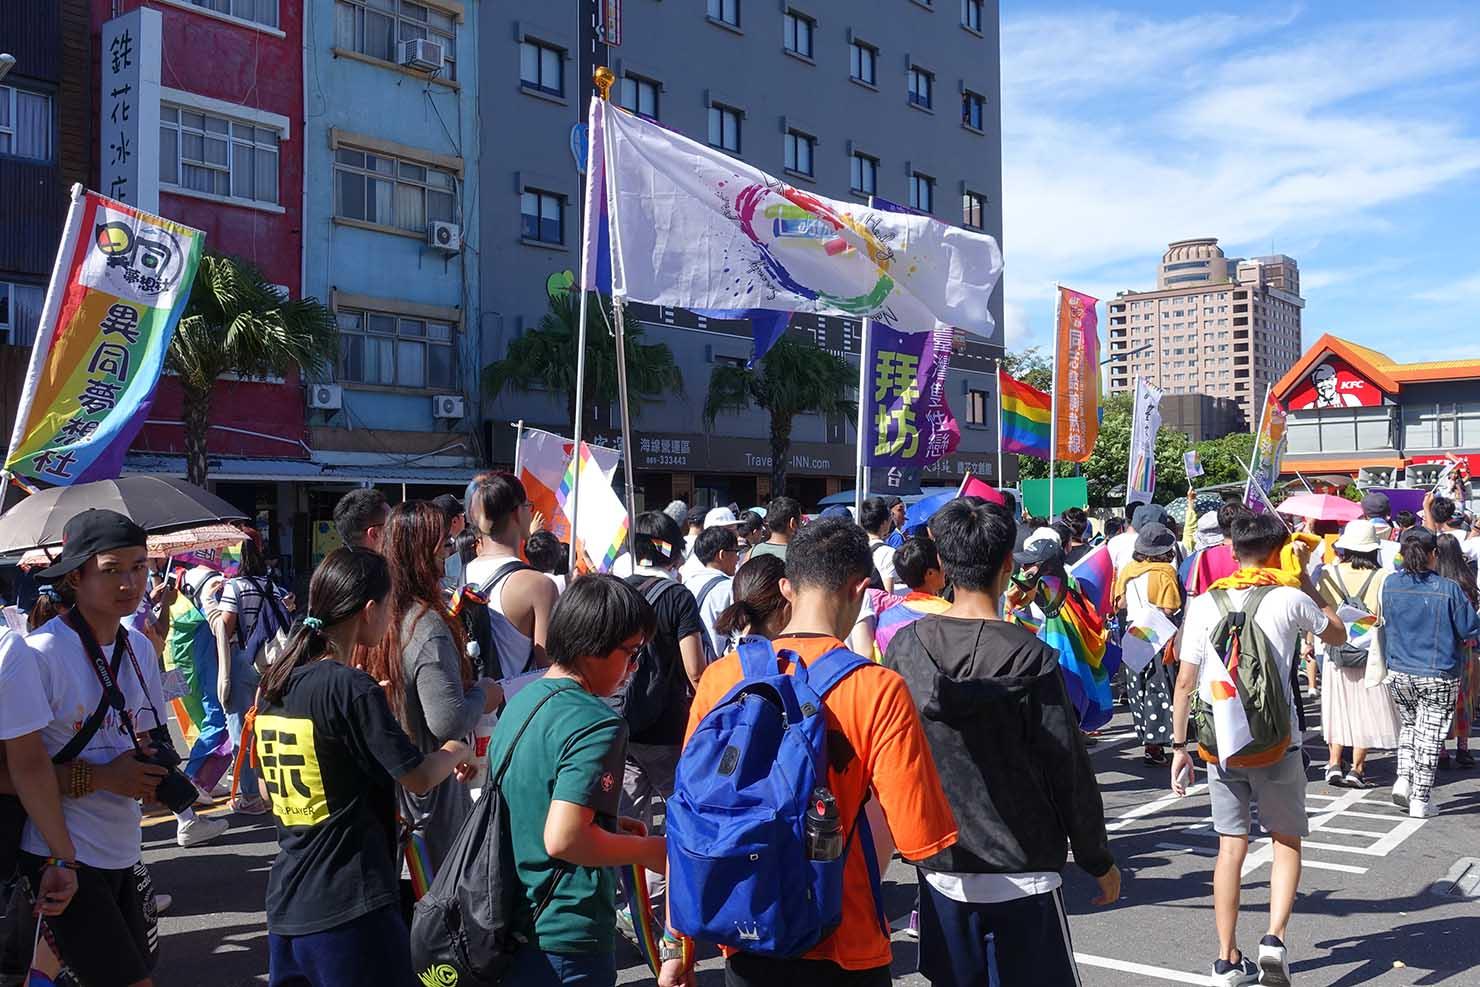 台湾東部のLGBTプライド「花東彩虹嘉年華」でパレードを歩く参加者たち